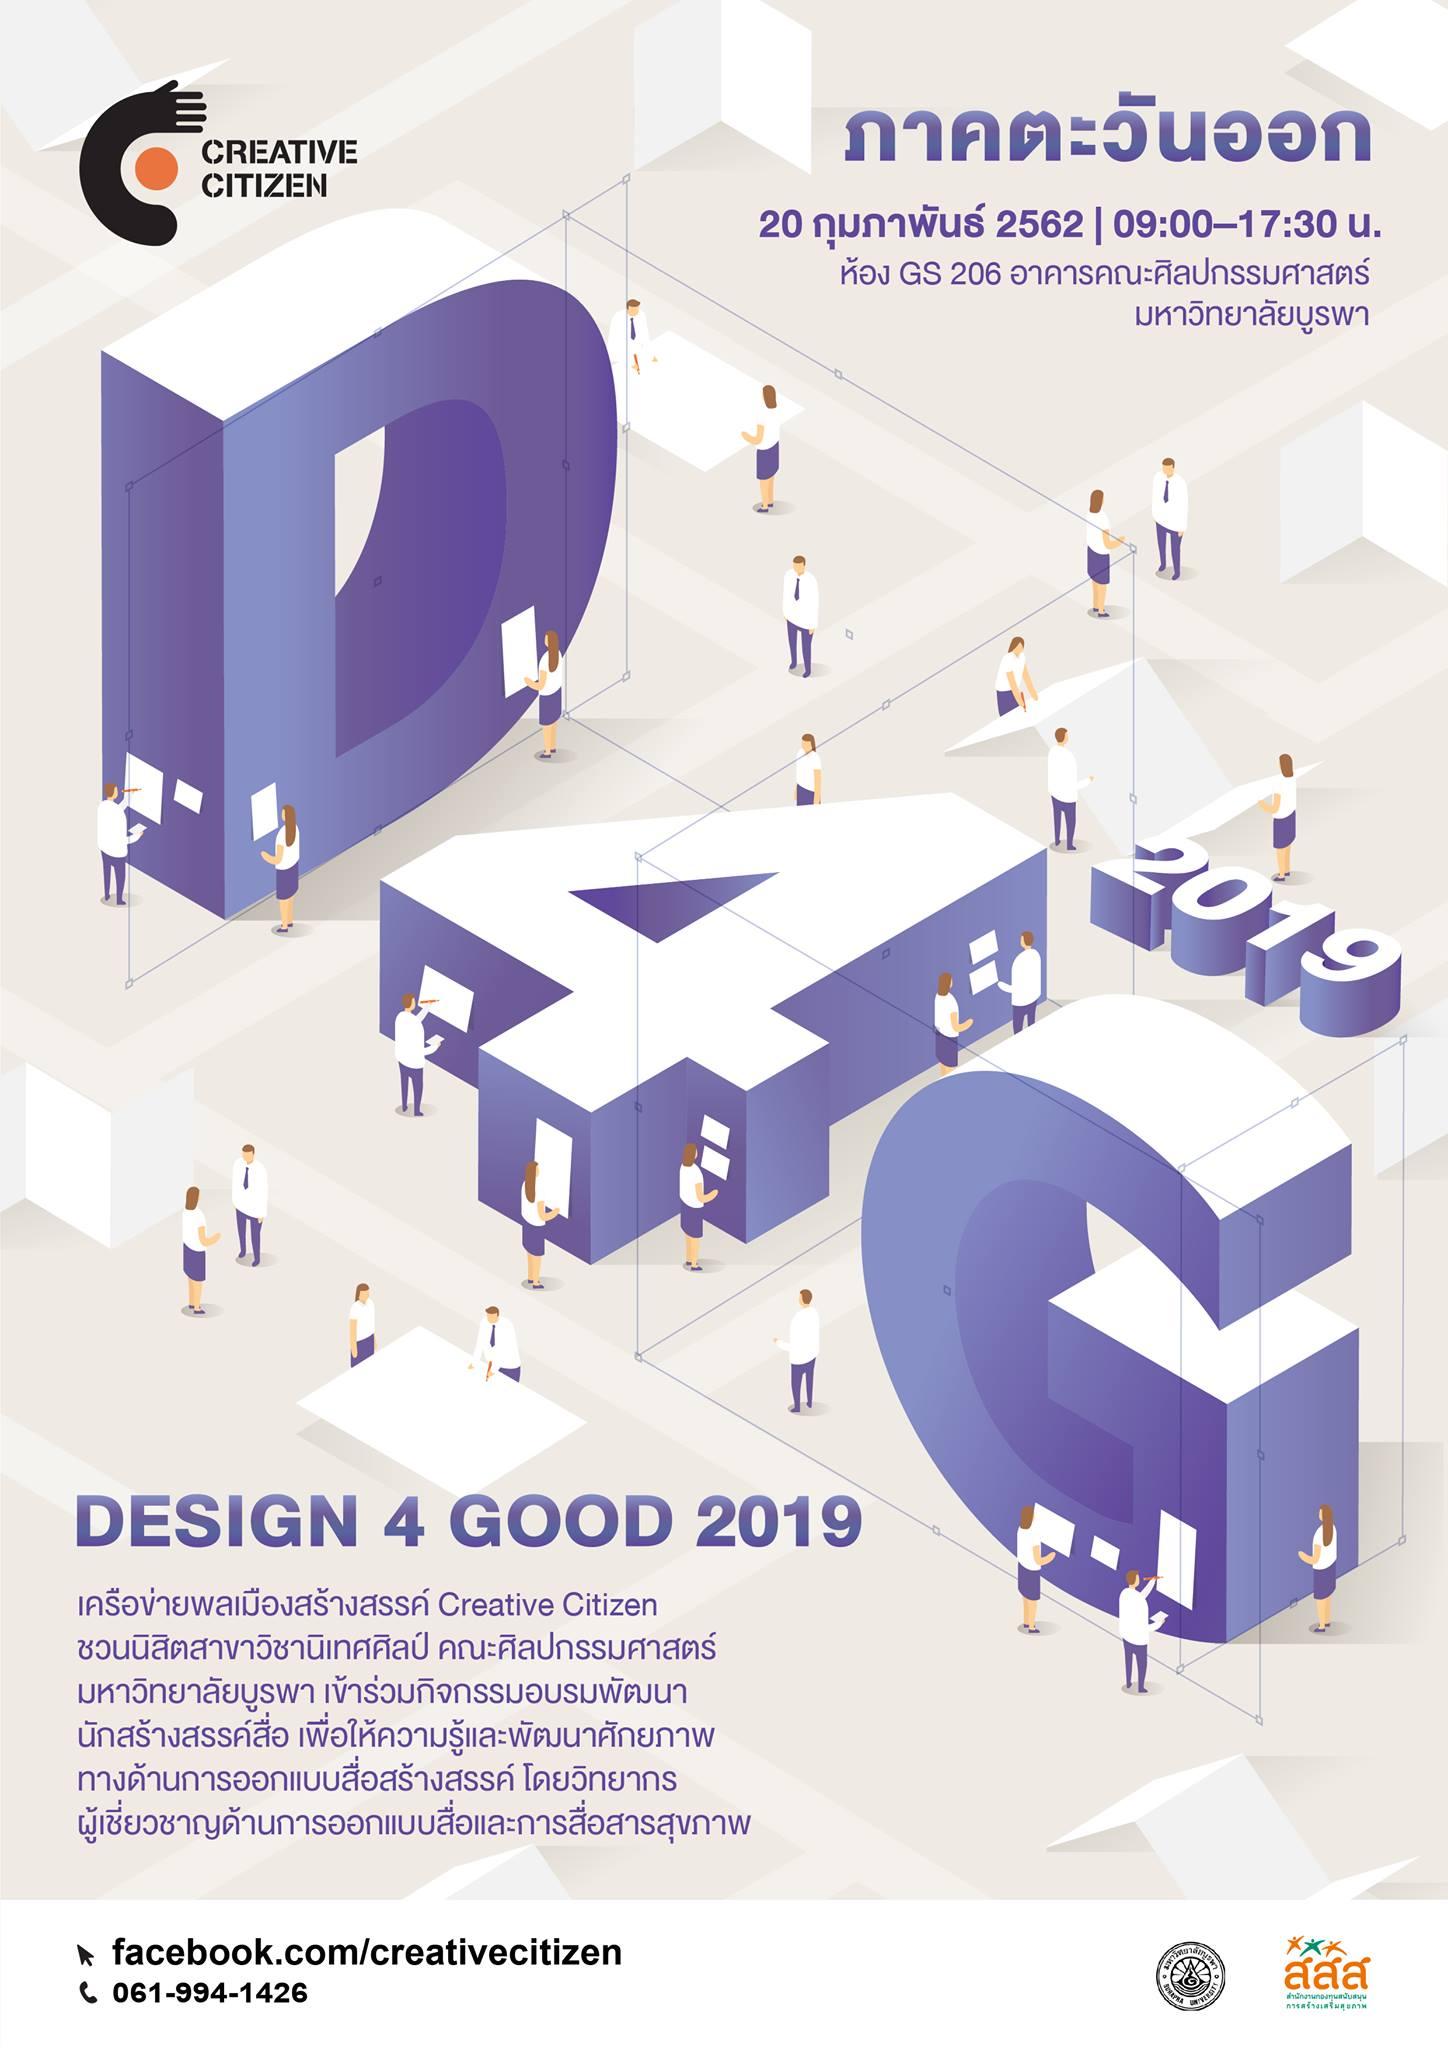 Design 4 Good – ภาคตะวันออก (มหาวิทยาลัยบูรพา)